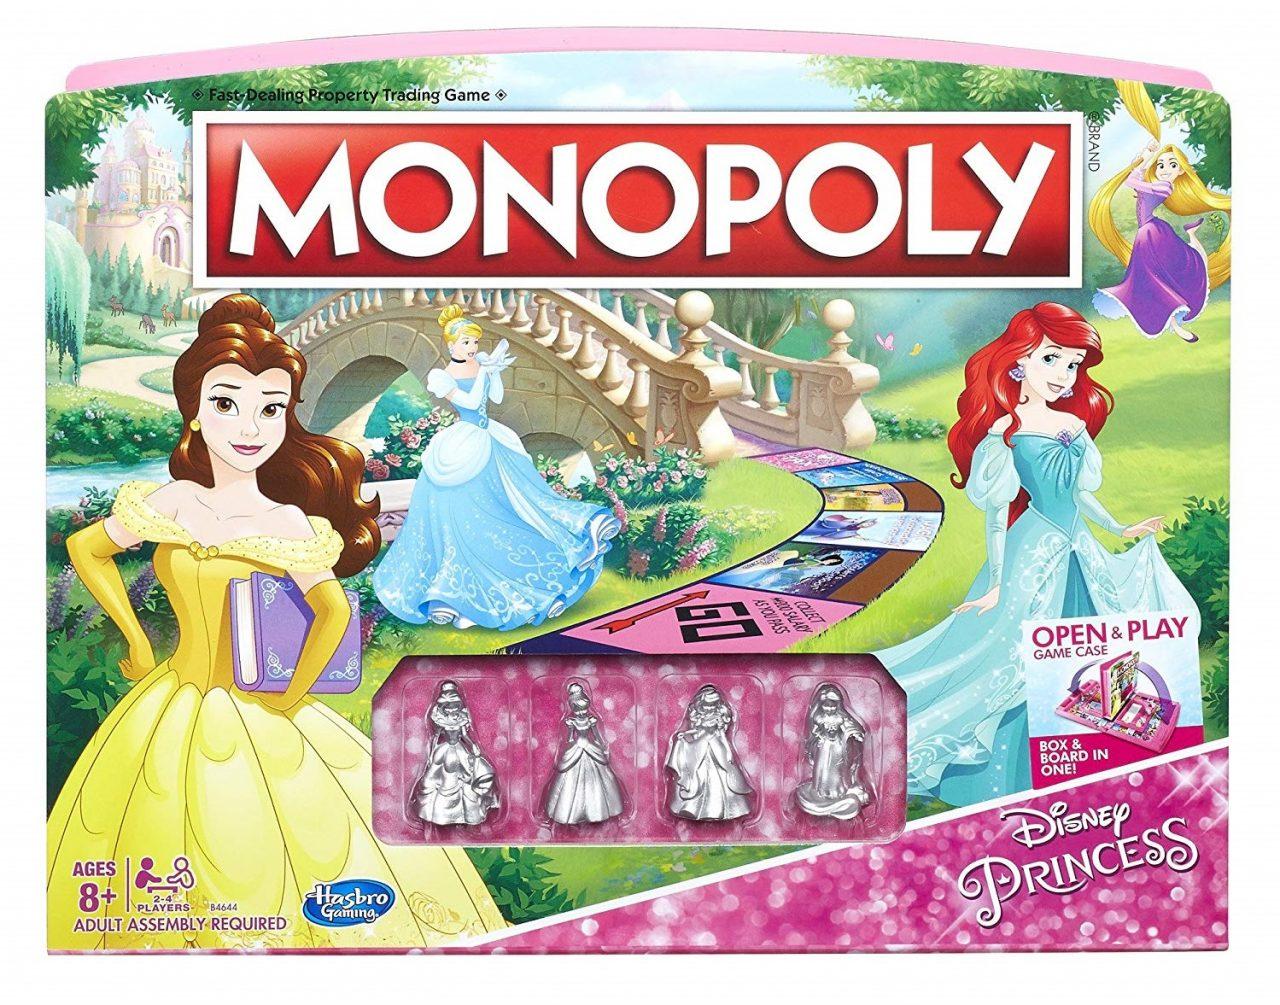 Disney Princess Monopoly